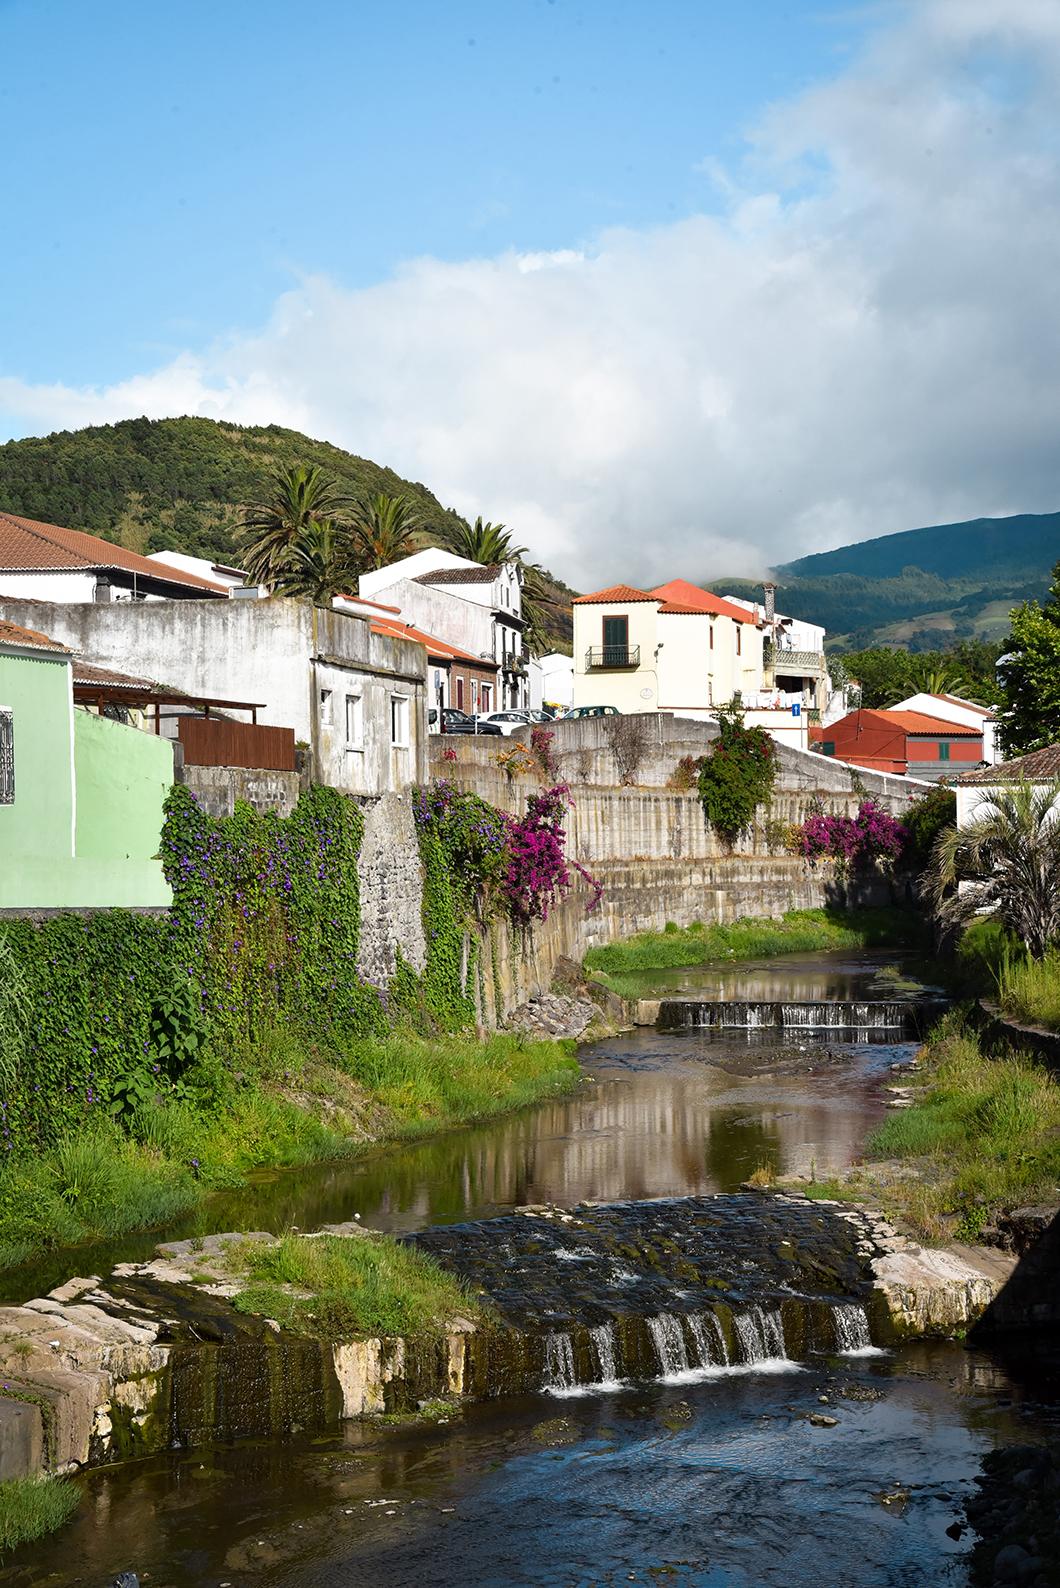 Point de vue sur Ribeira Grande sur l'île de Sao Miguel